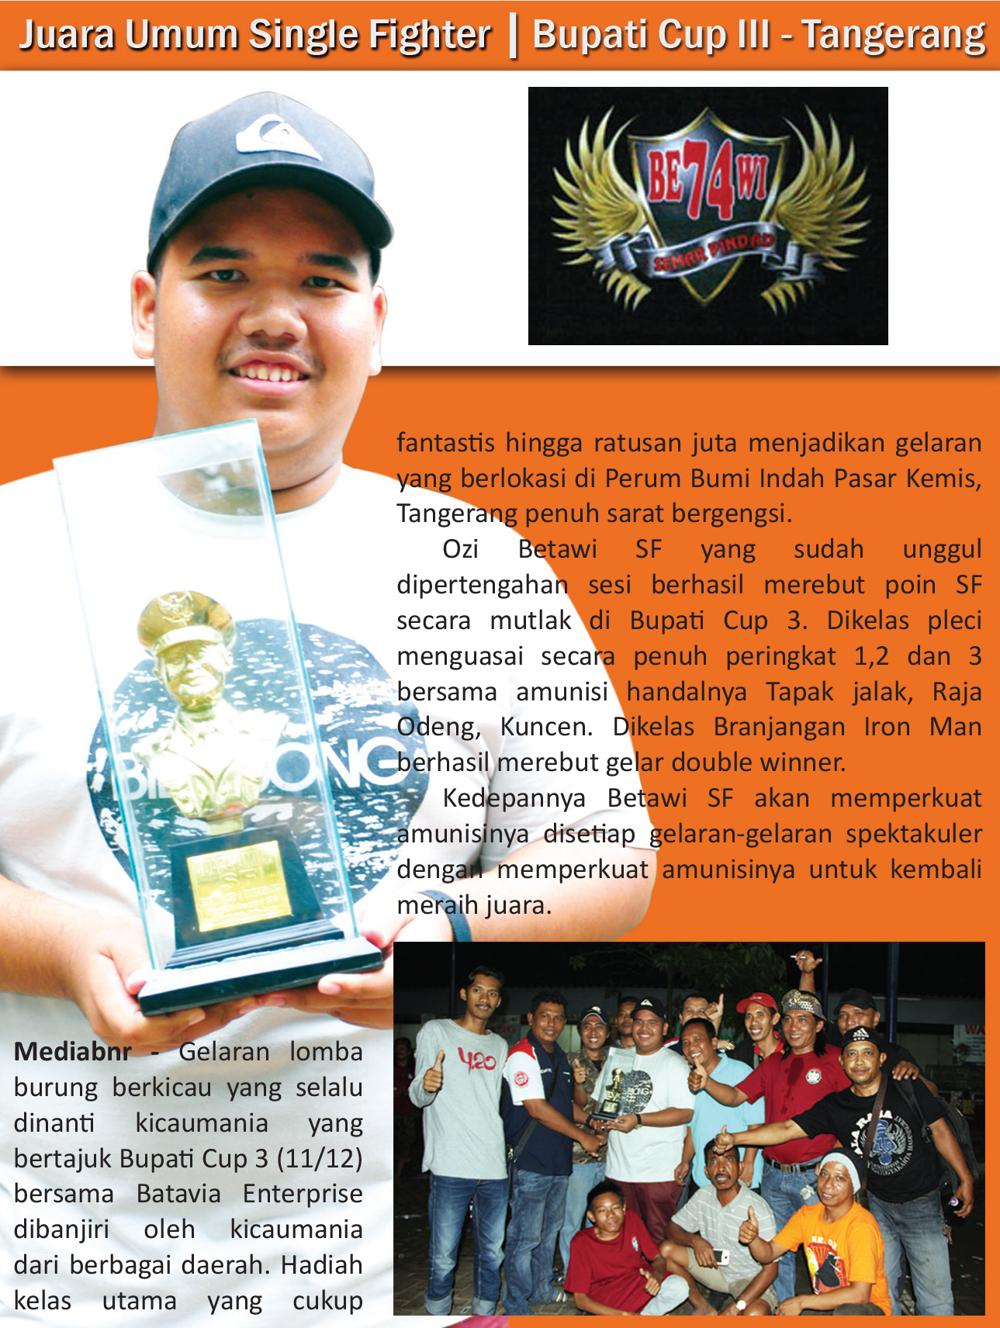 BE74WI Juara Umum Single Fighter di Bupati Cup 3 – Tangerang